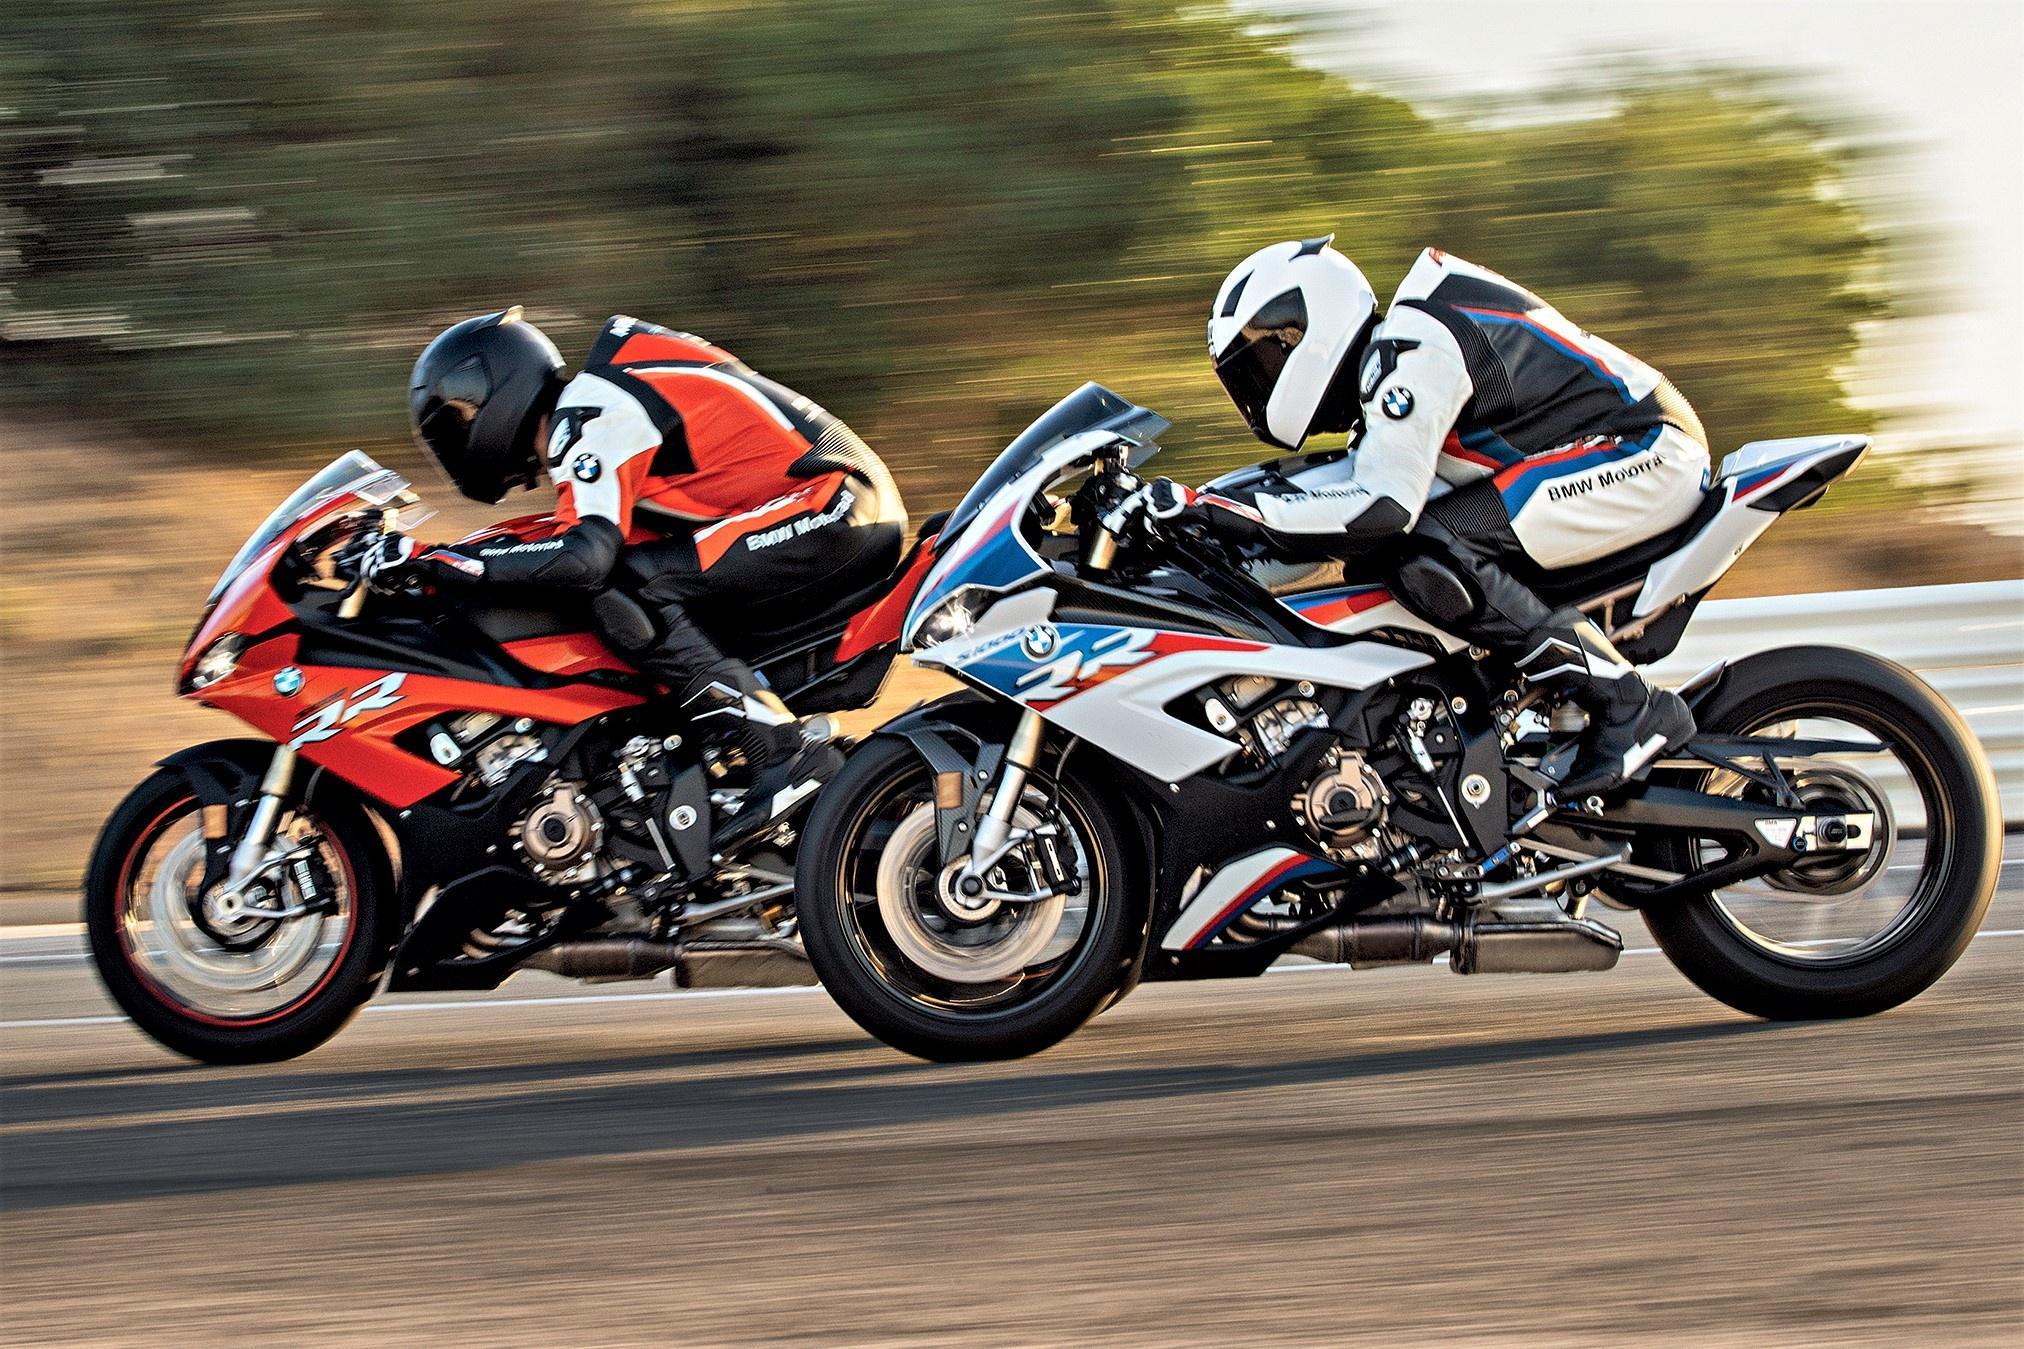 Vì sao BMW Motorrad không tham gia giải đua MotoGP?